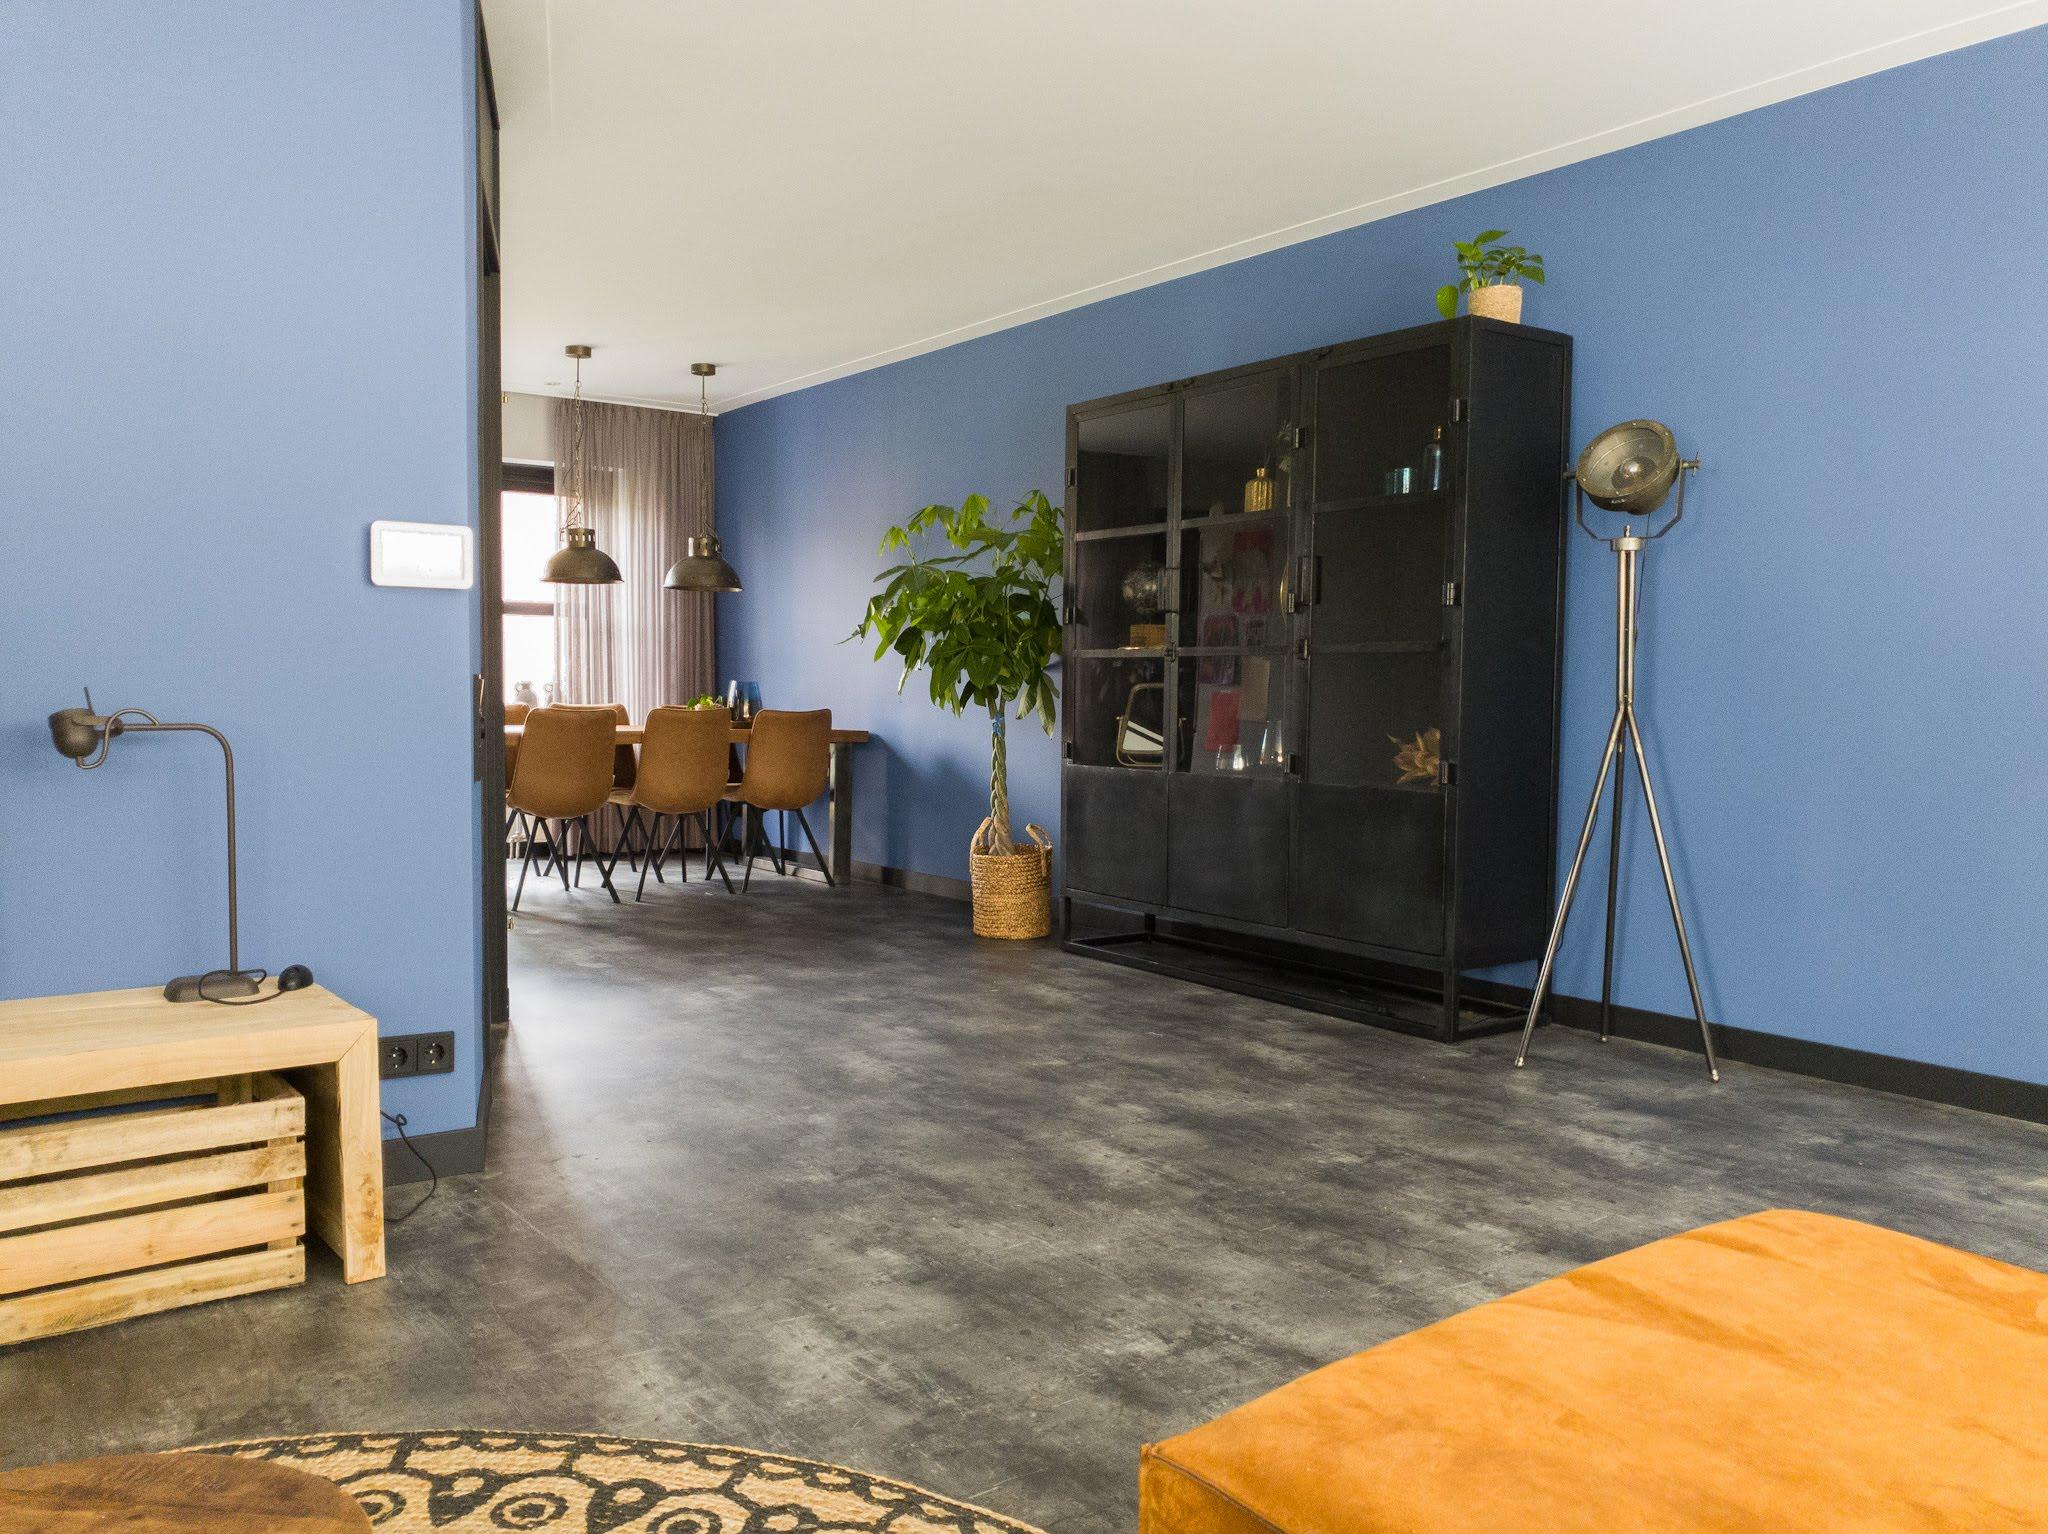 Herinrichting kleuradvies interieurontwerp woonkamer eetkamer cognac zwart blauw (3)